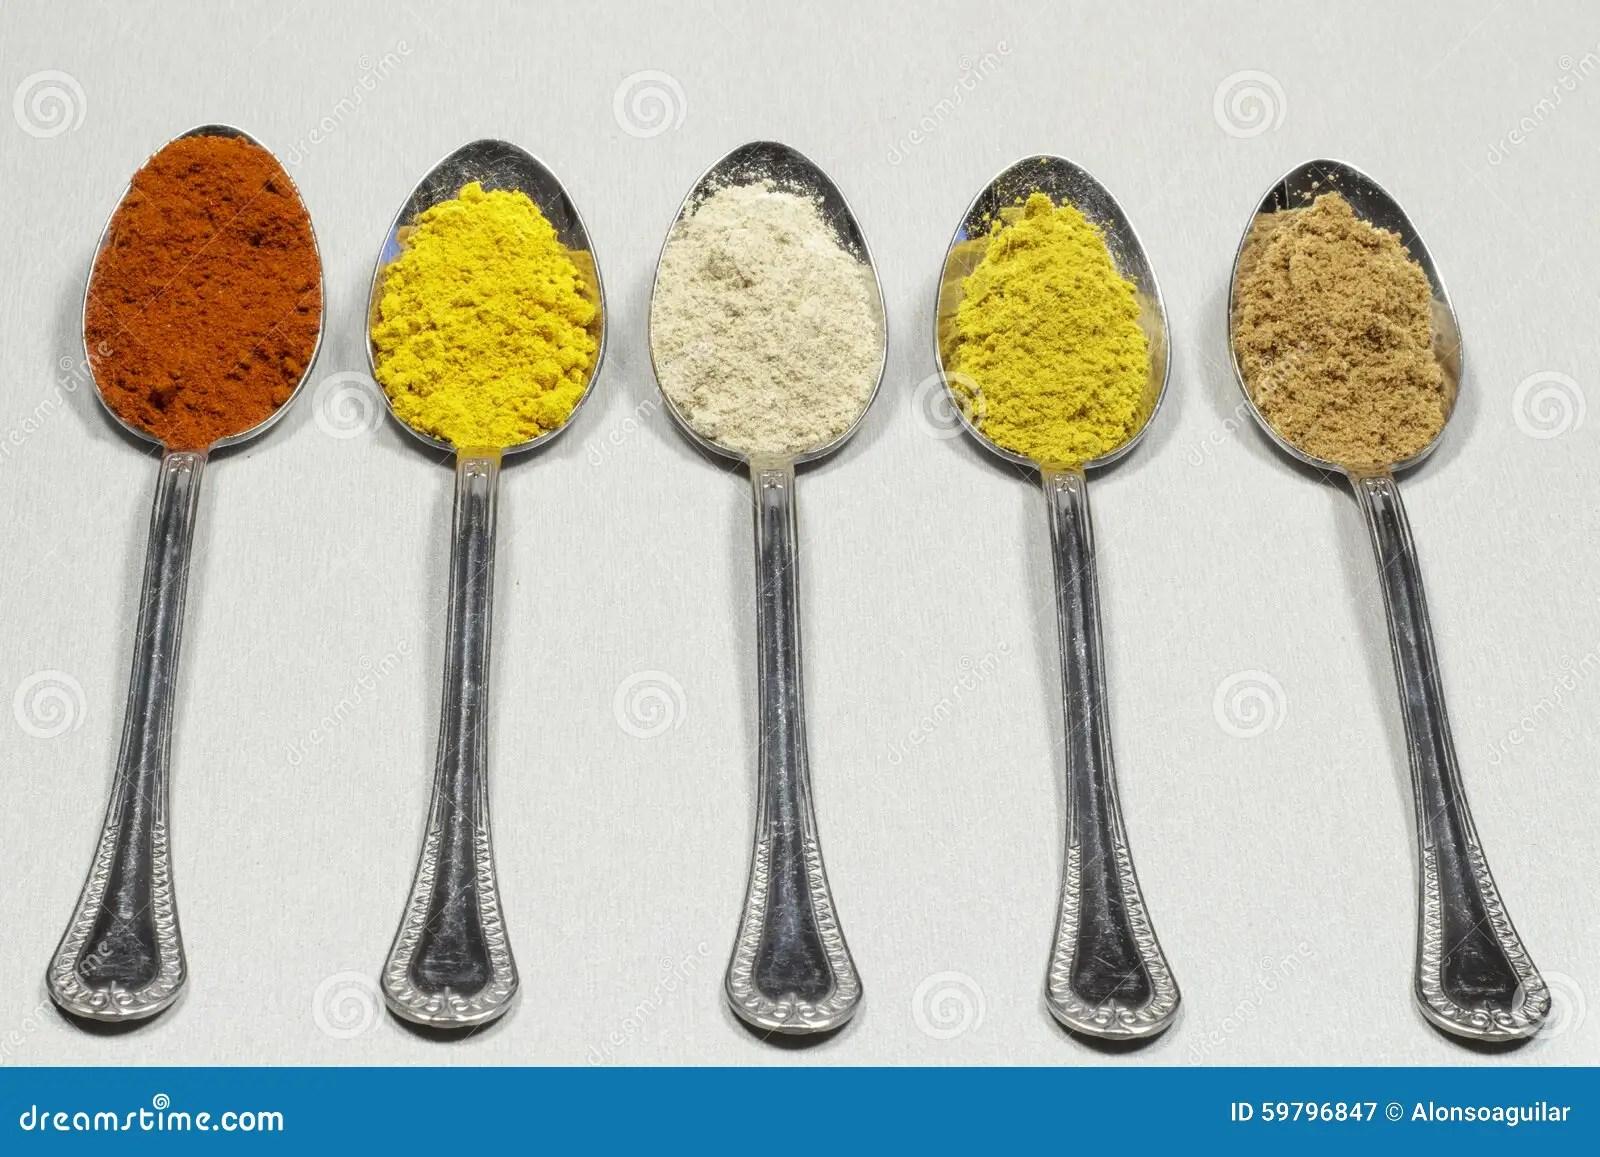 cuillerees a soupe de differents types des poudres et de colorant alimentaire d epice image stock image du poudres epice 59796847